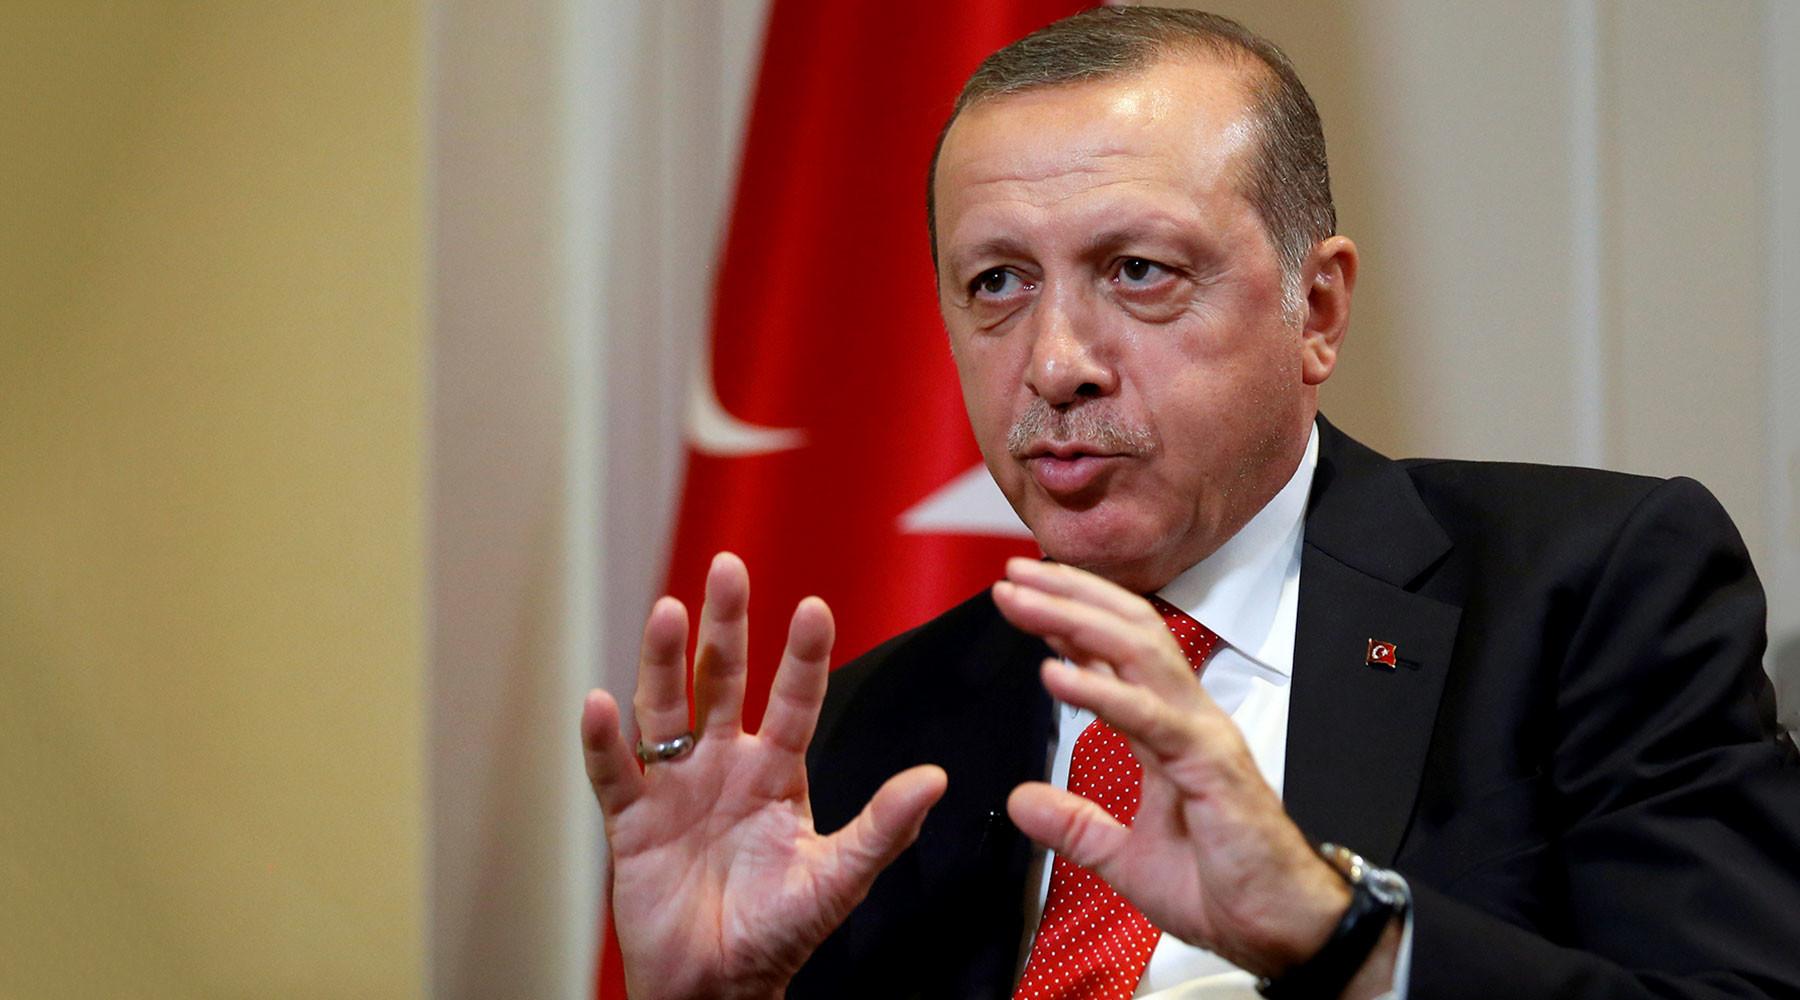 Принуждение к молчанию: почему Эрдогану не разрешили выступить перед турецкой общиной в Германии в ходе G20